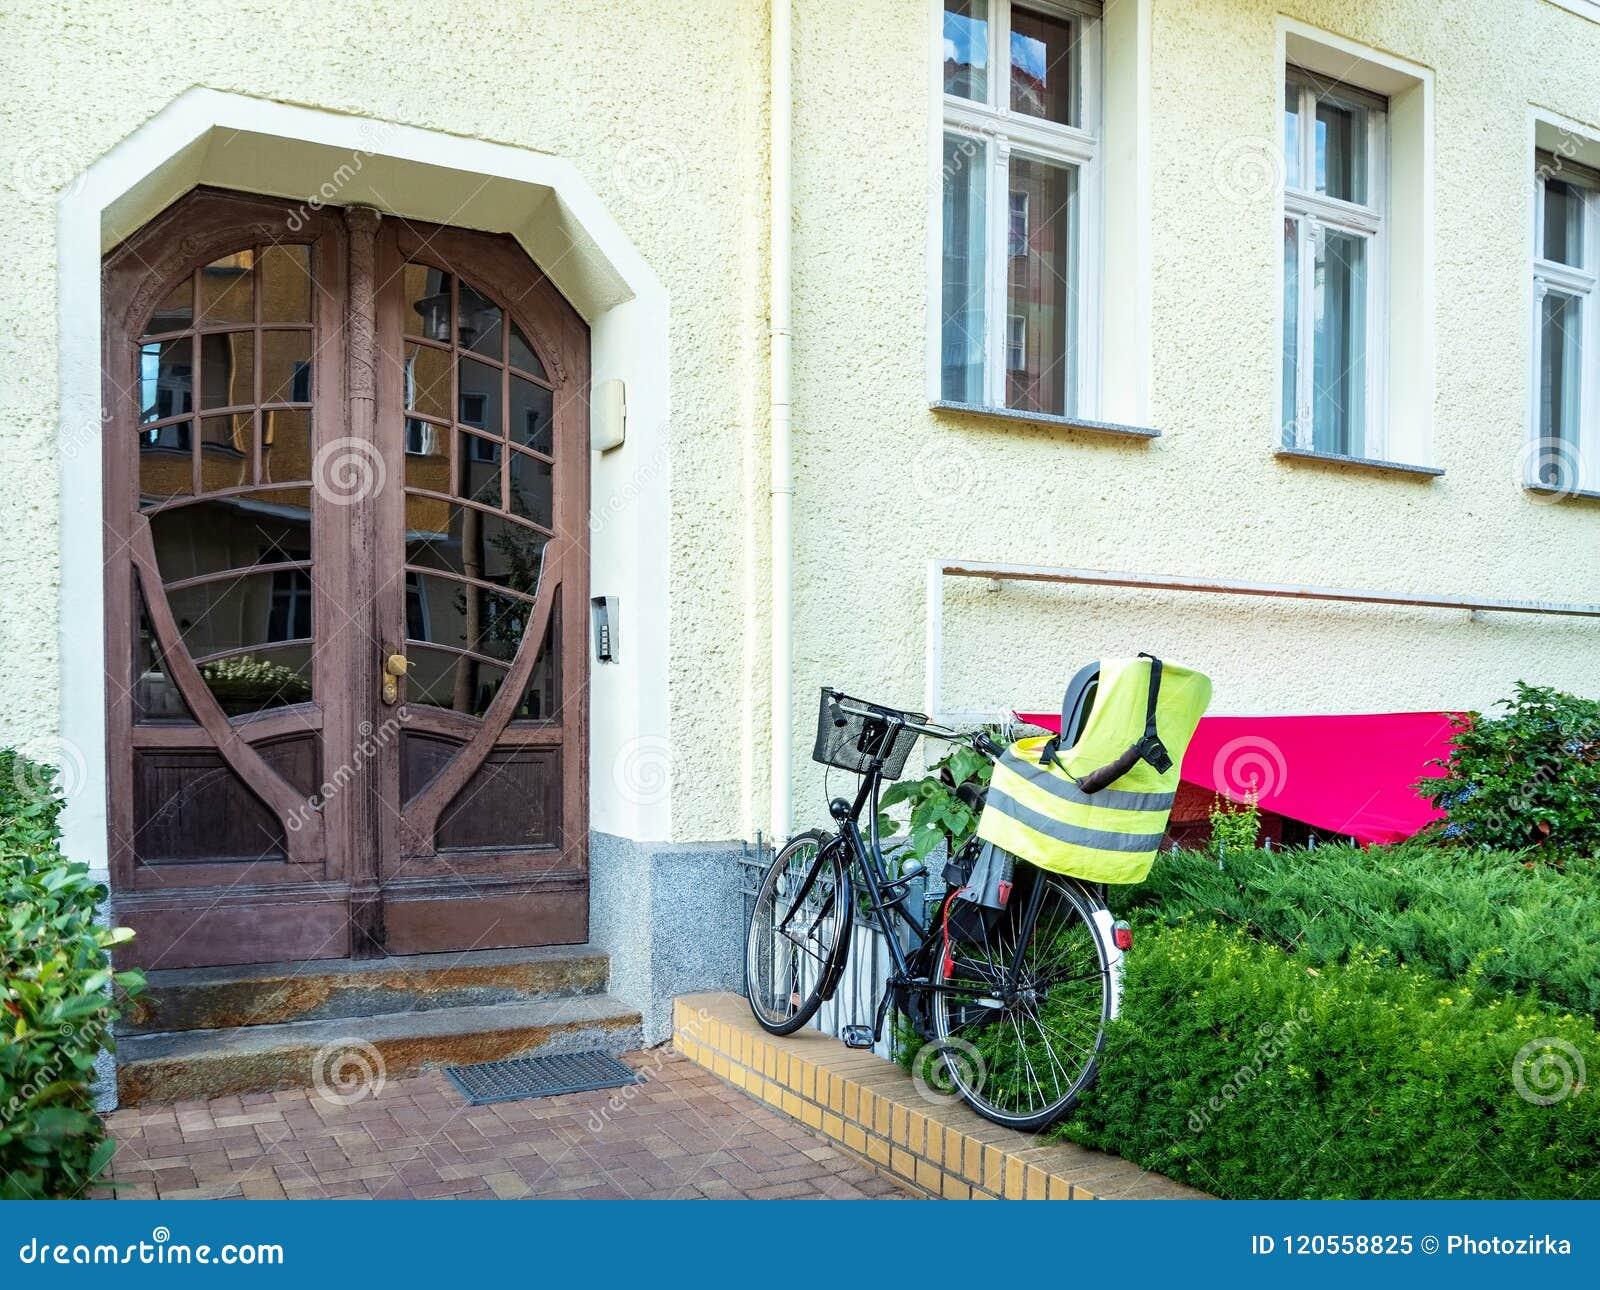 Frontowy widok wejściowy drzwi